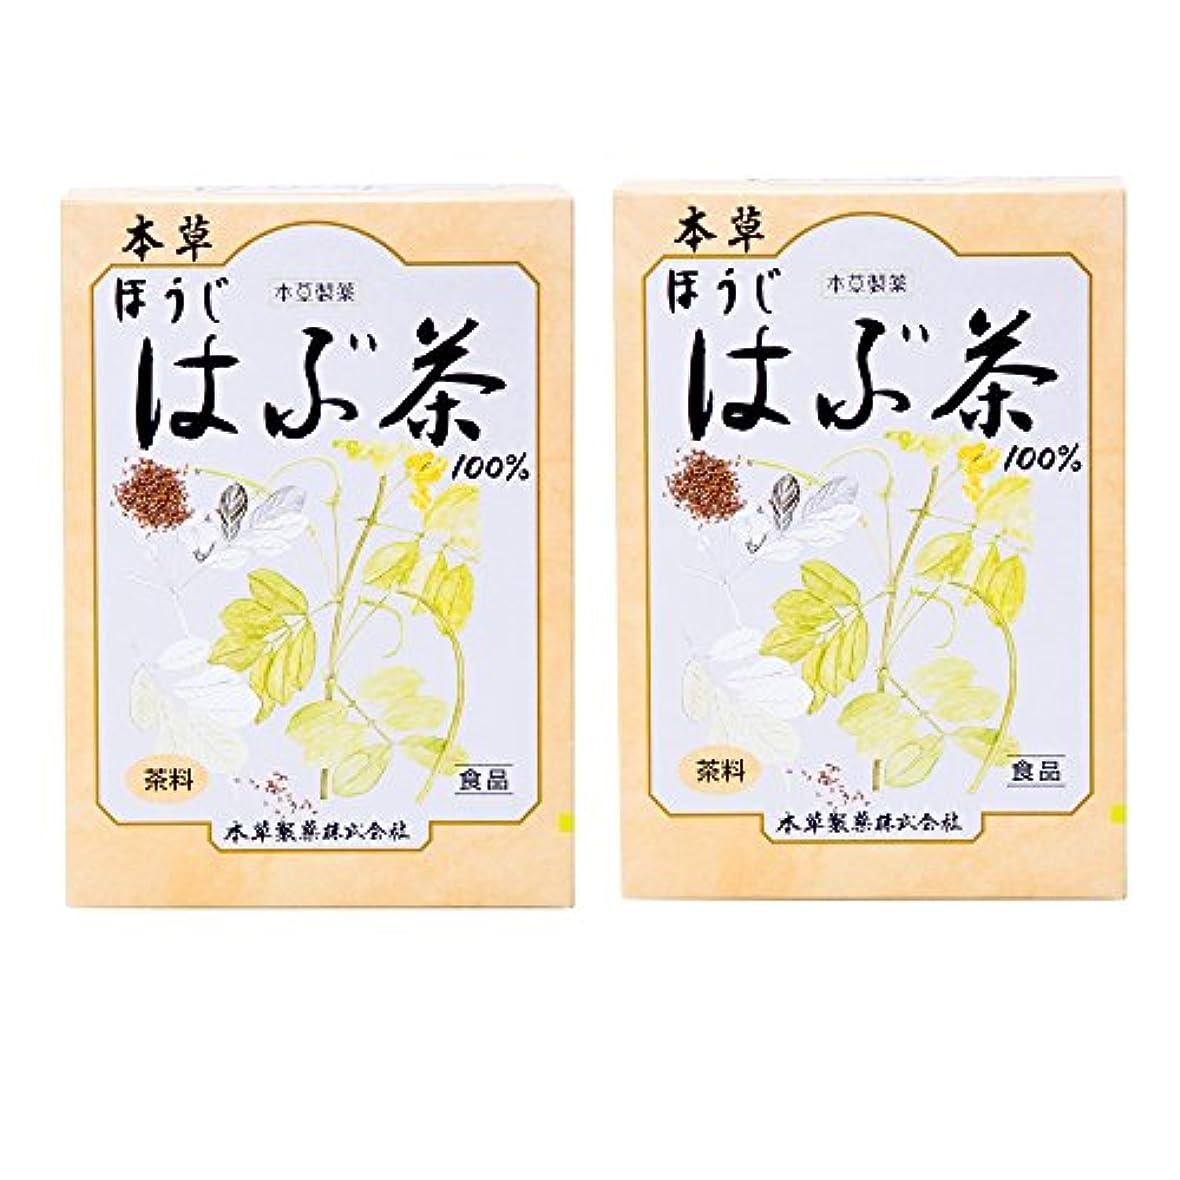 手入れ指定する半径本草製薬 ほうじはぶ茶 2個セット